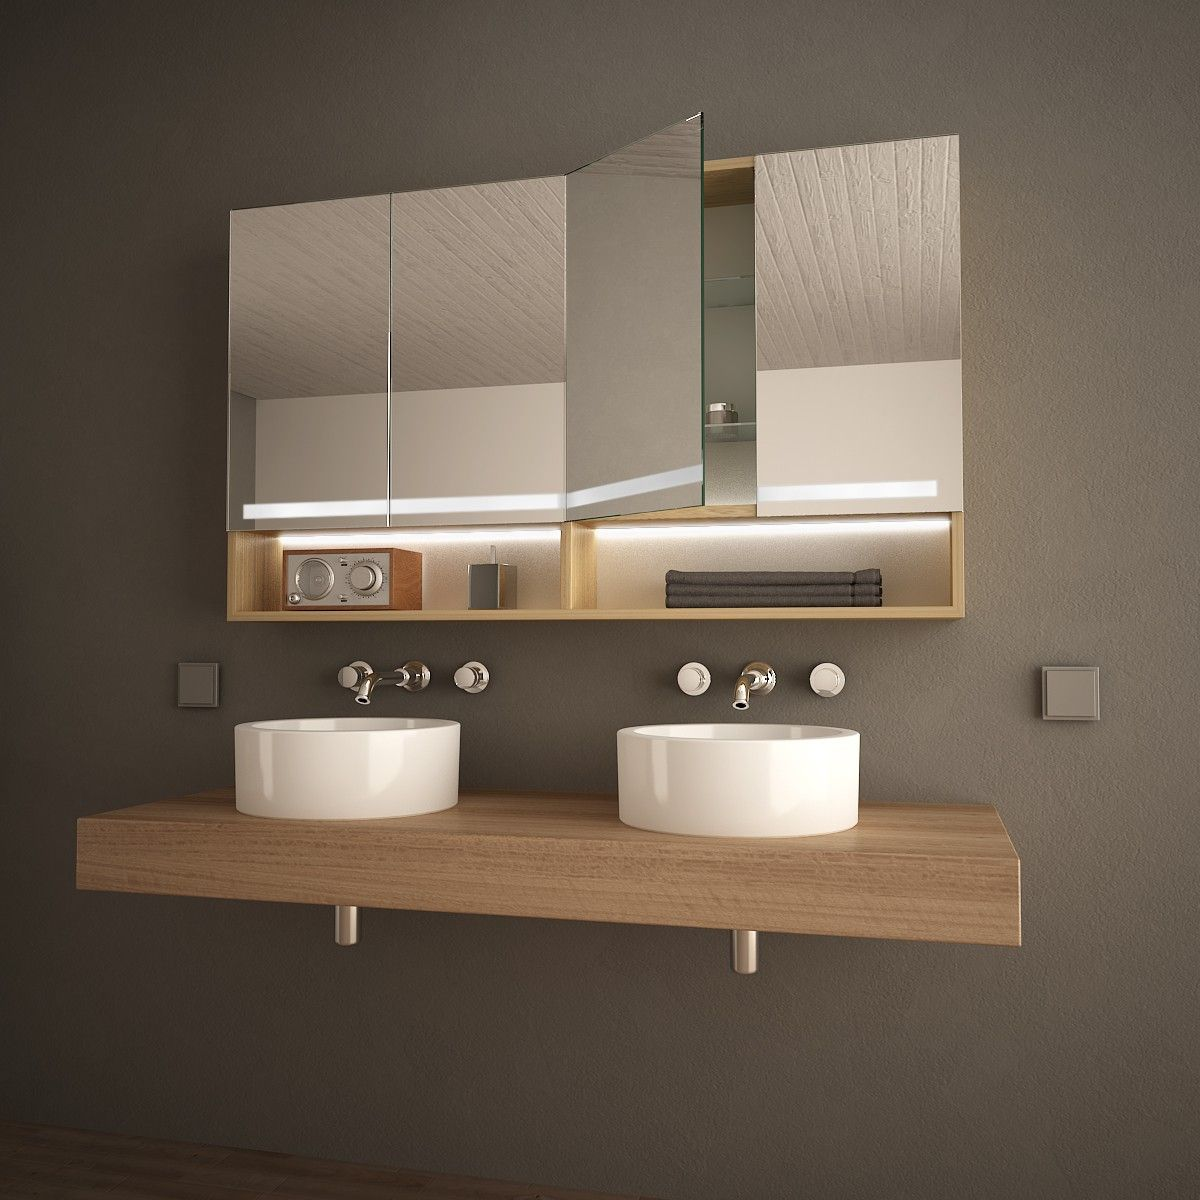 Spiegelschrank Mit Holz Ablage Kaloria Badezimmer Spiegelschrank Spiegelschrank Spiegelschranke Furs Bad